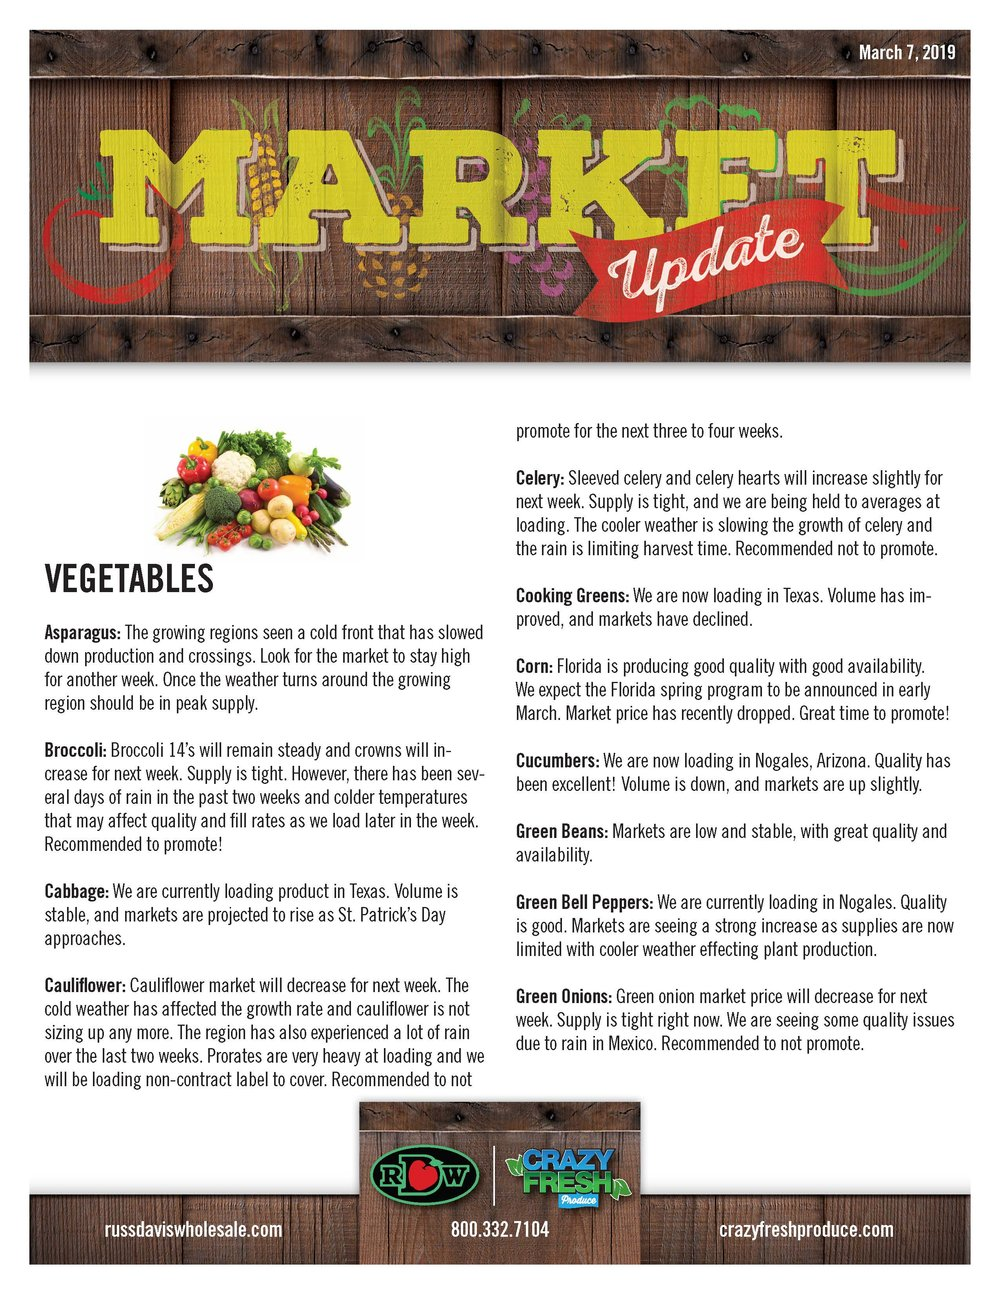 RDW_Market_Update_Mar7_19_Page_1.jpg